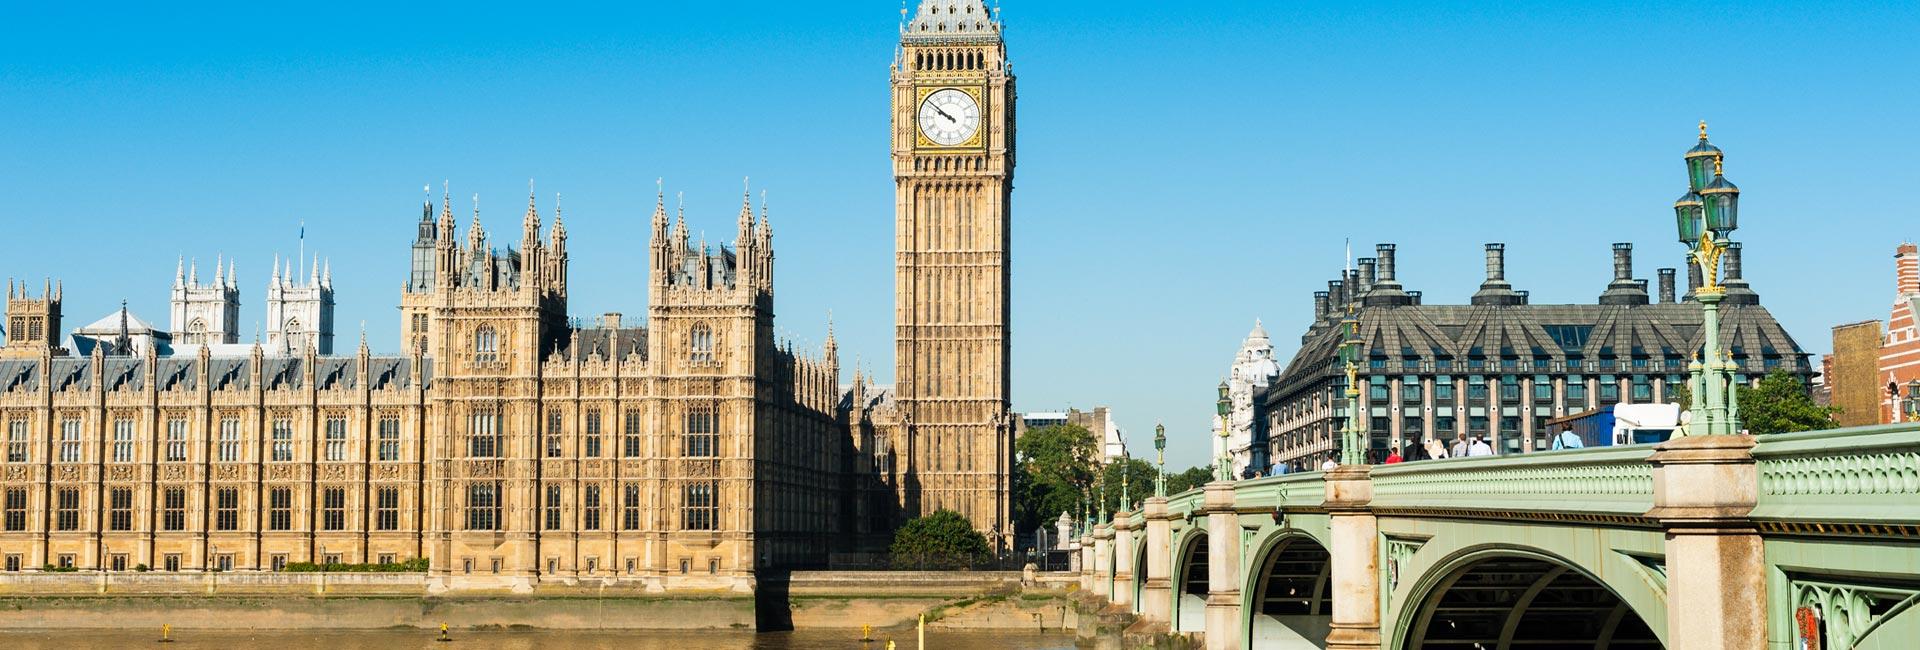 London property market - UK property activity